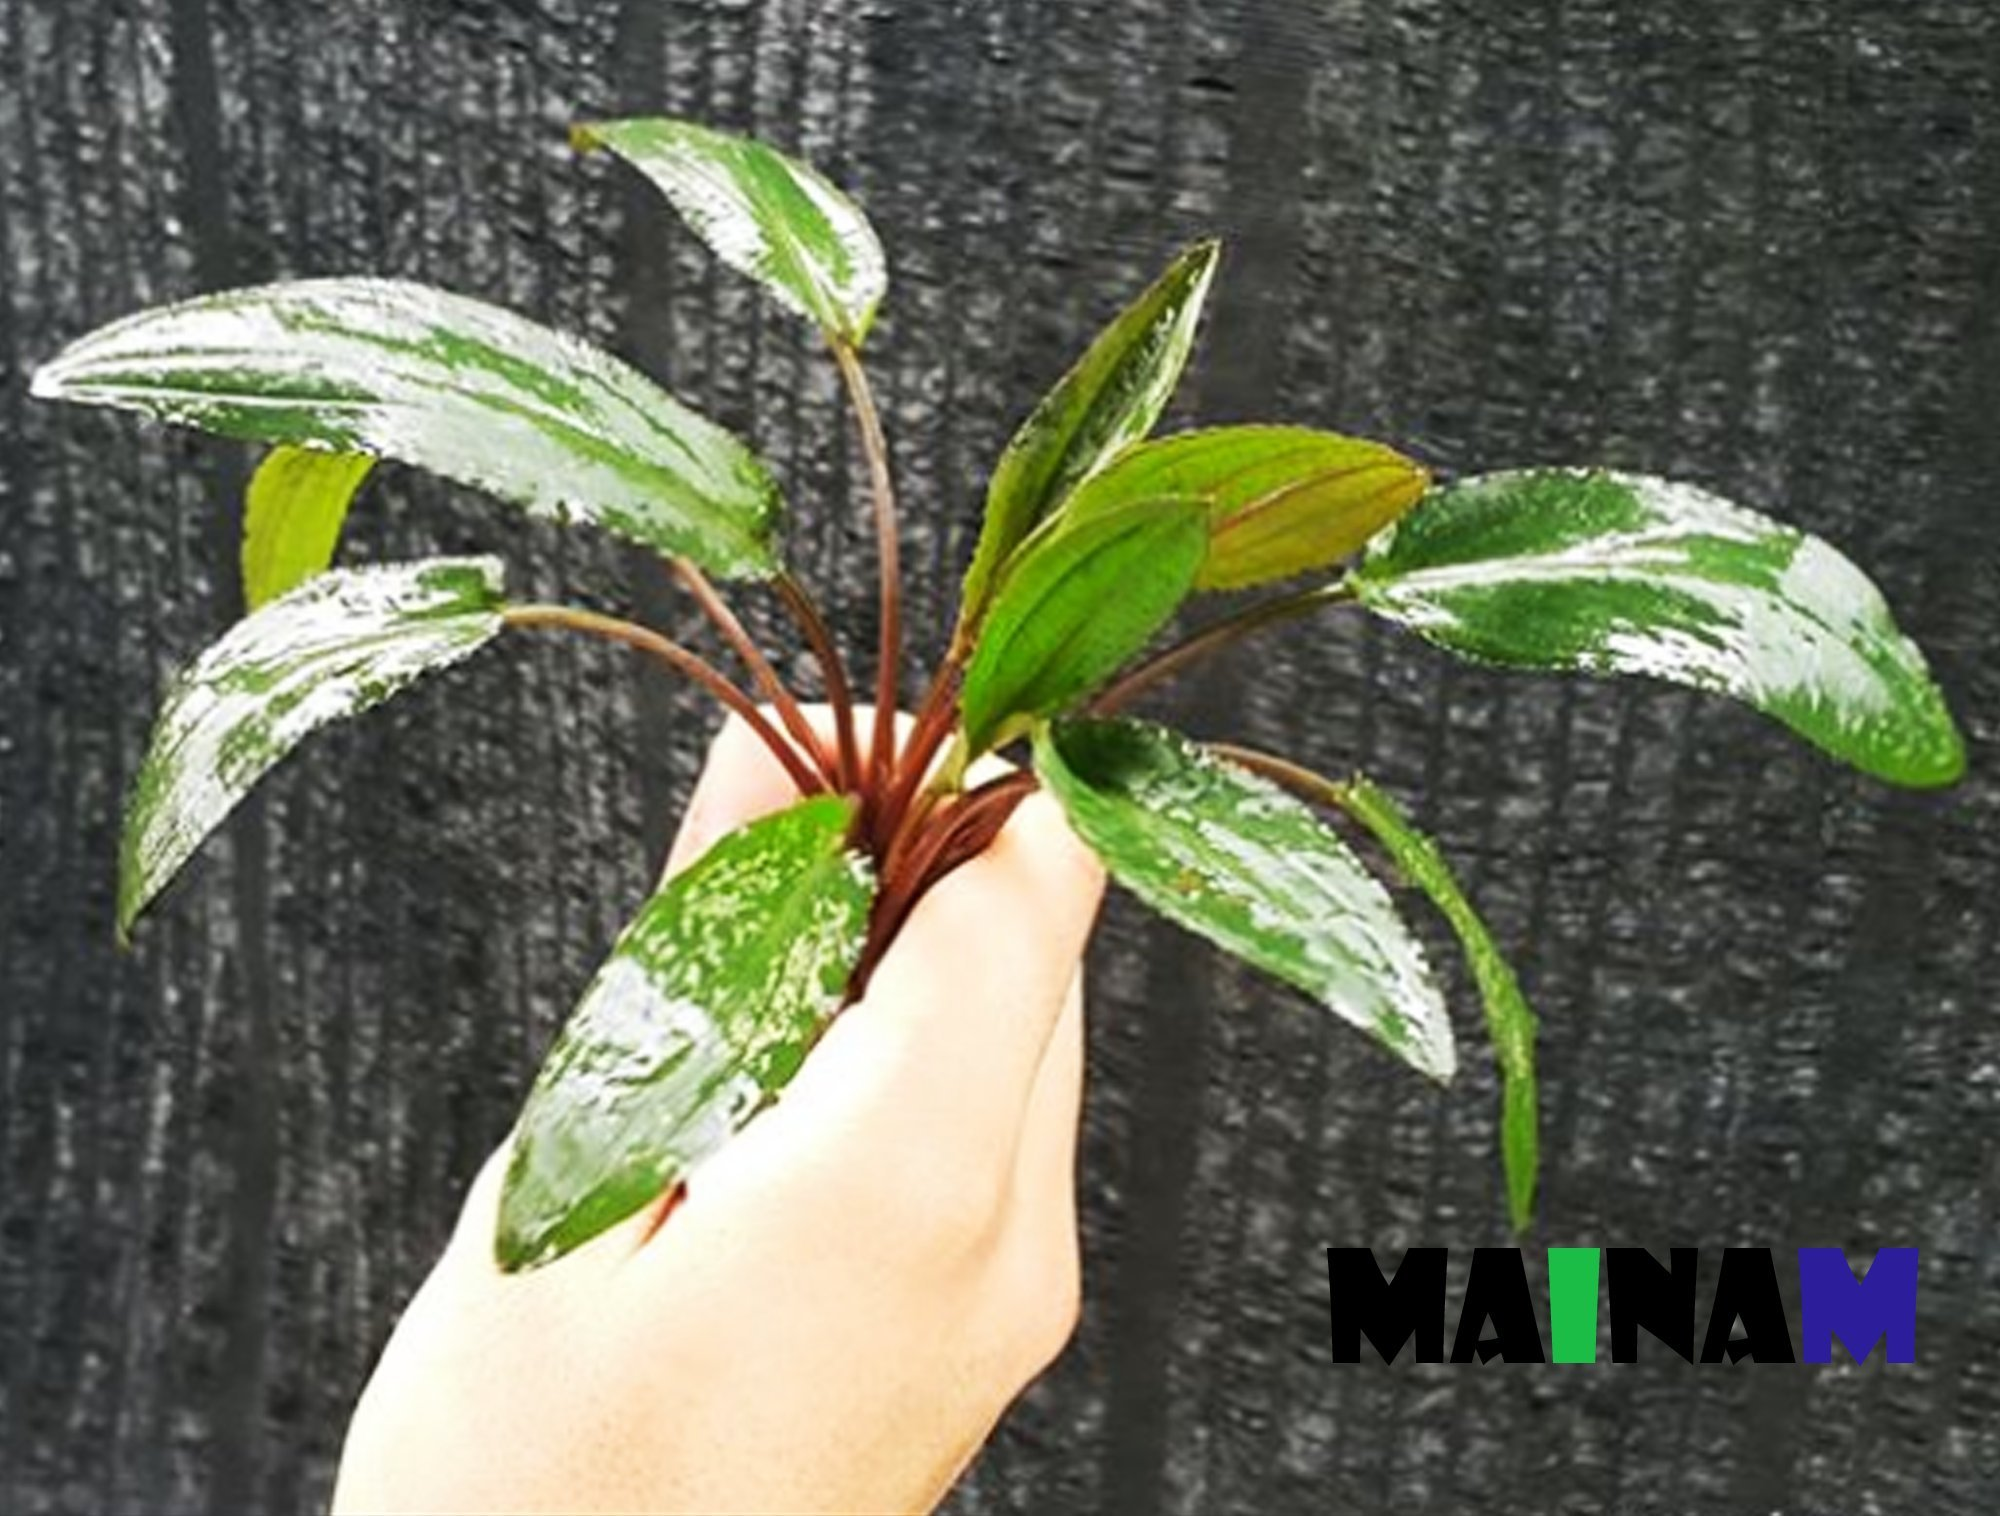 Cryptocoryne Wendtii Stem Bundle Freshwater Live Aquarium Plants Decoration By Mainam